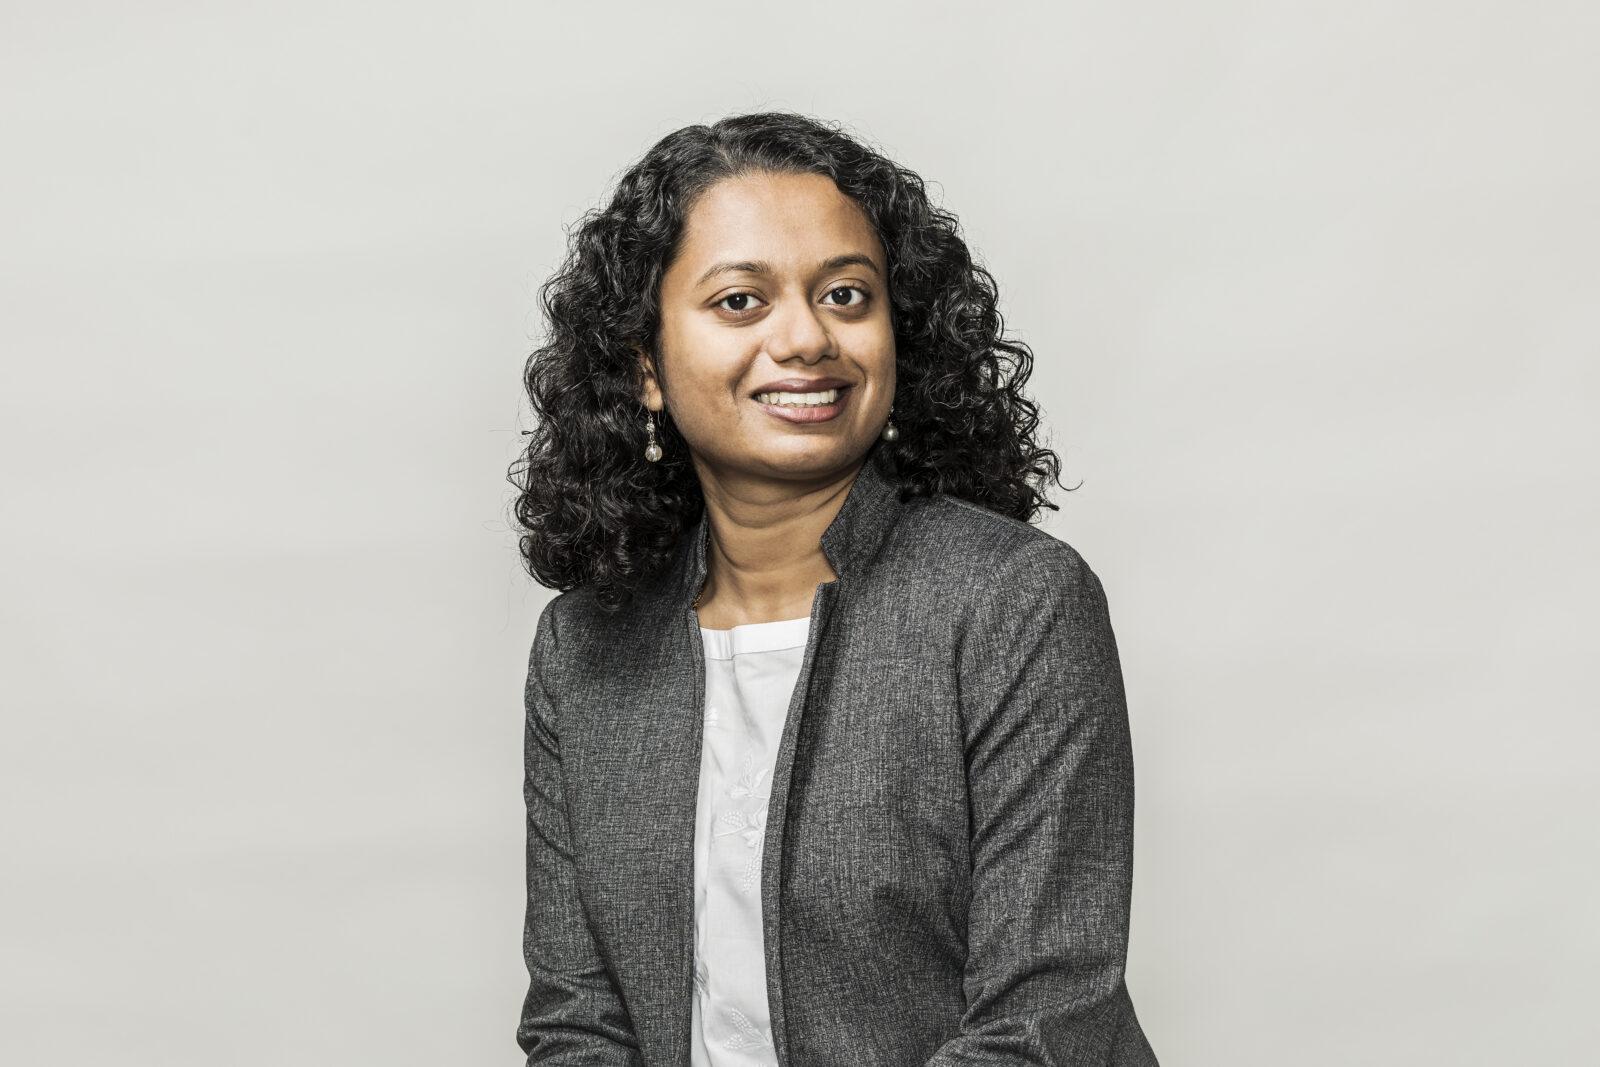 Headshot of Pirathayini Srikantha